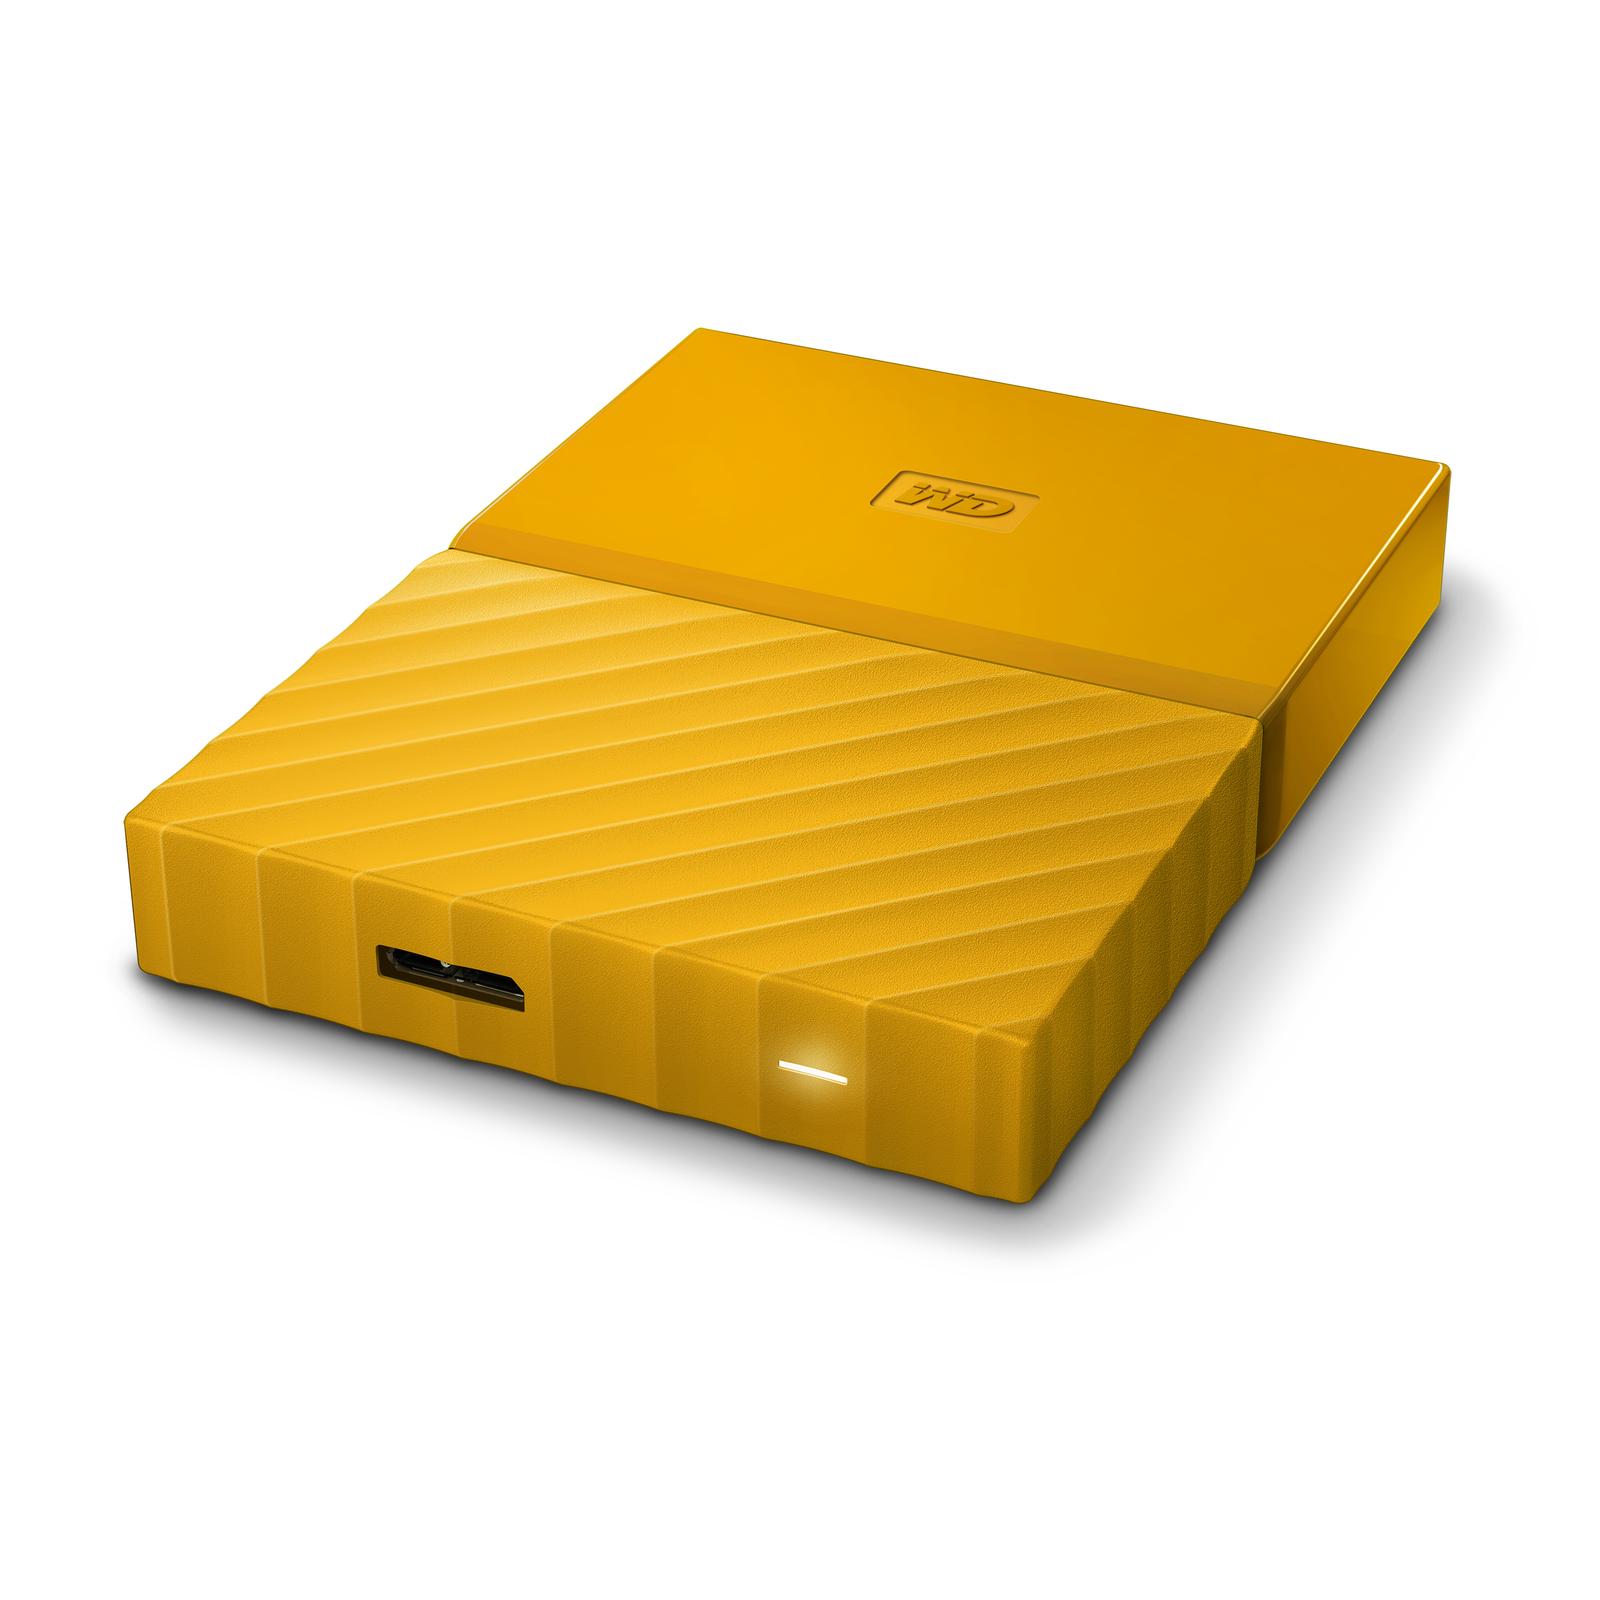 4TB WD My Passport Ultra (Yellow) image